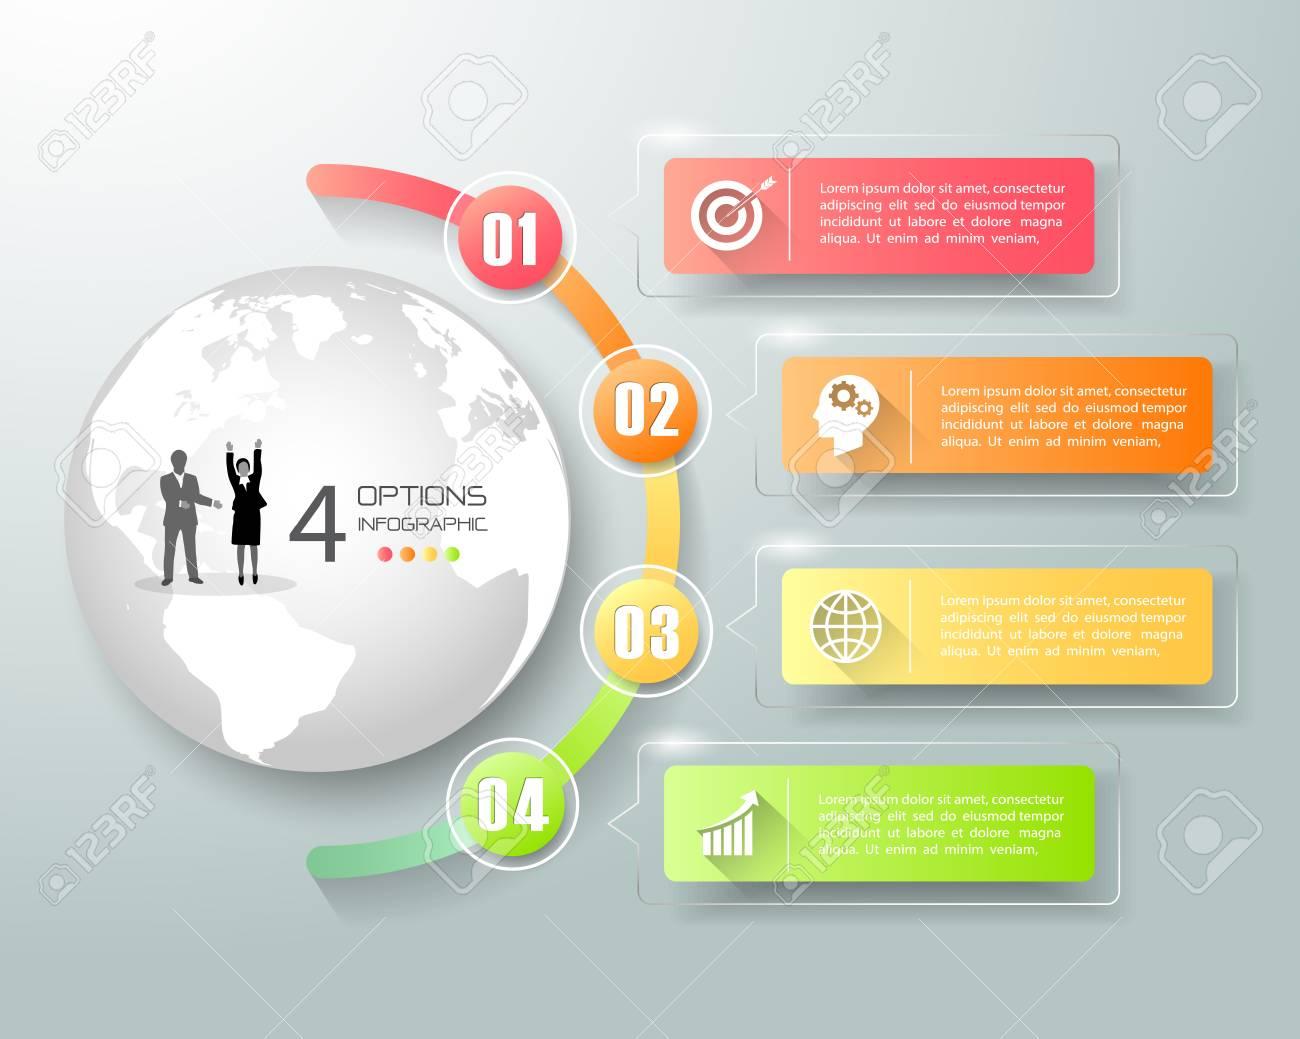 Diseño Plantilla Infografía 4 Opciones, Concepto De Negocio ...